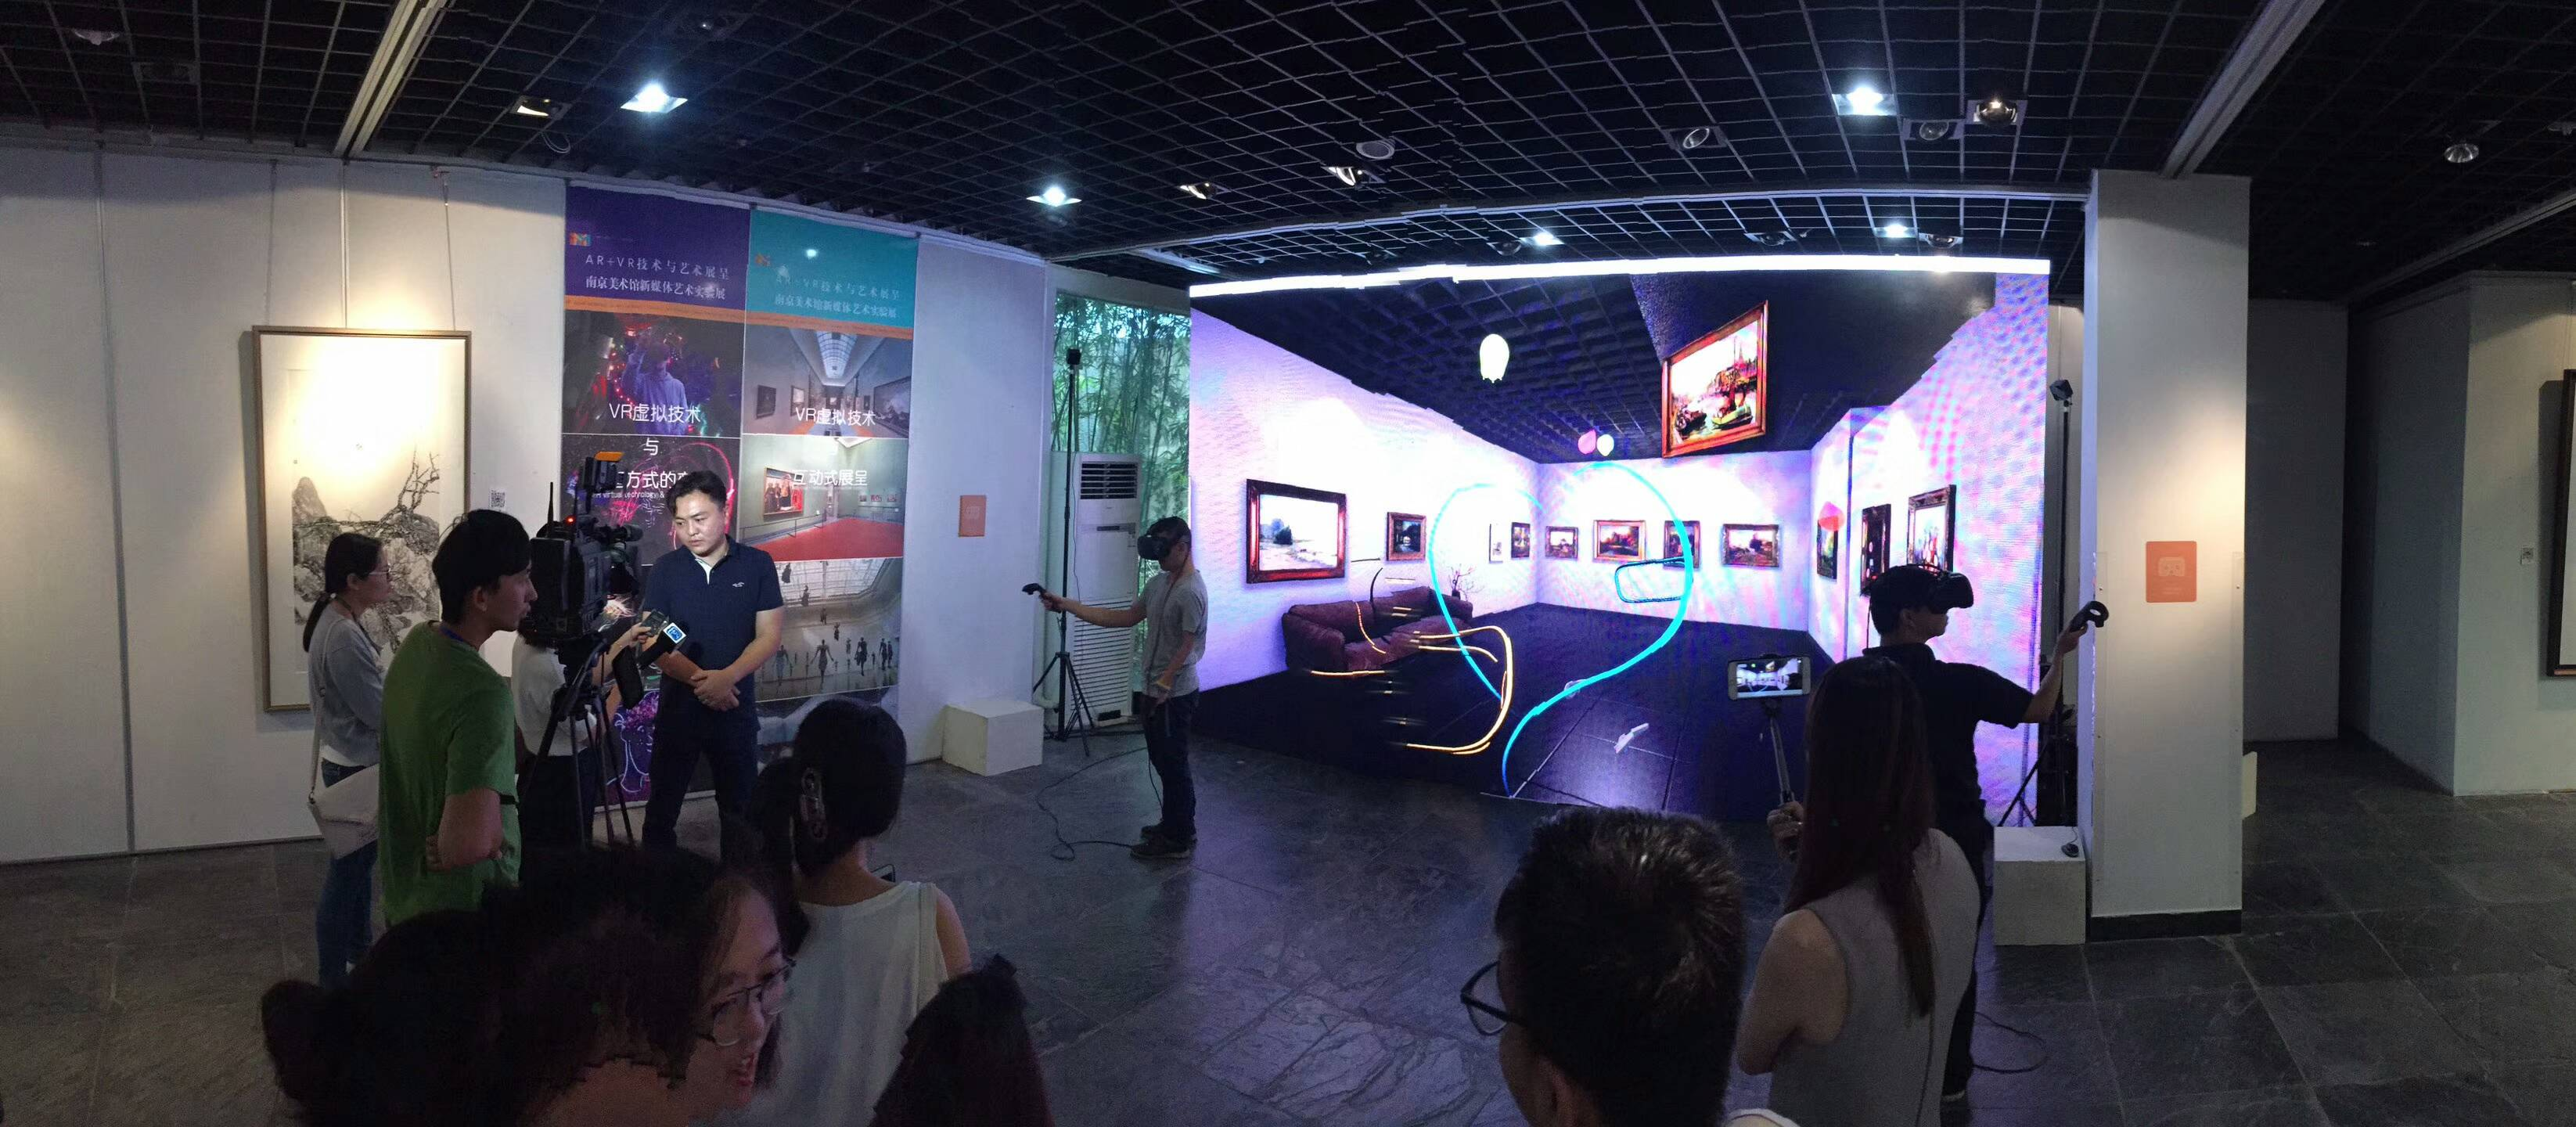 嘿蘑法王亮:用VR给青年艺术家创造更多机会